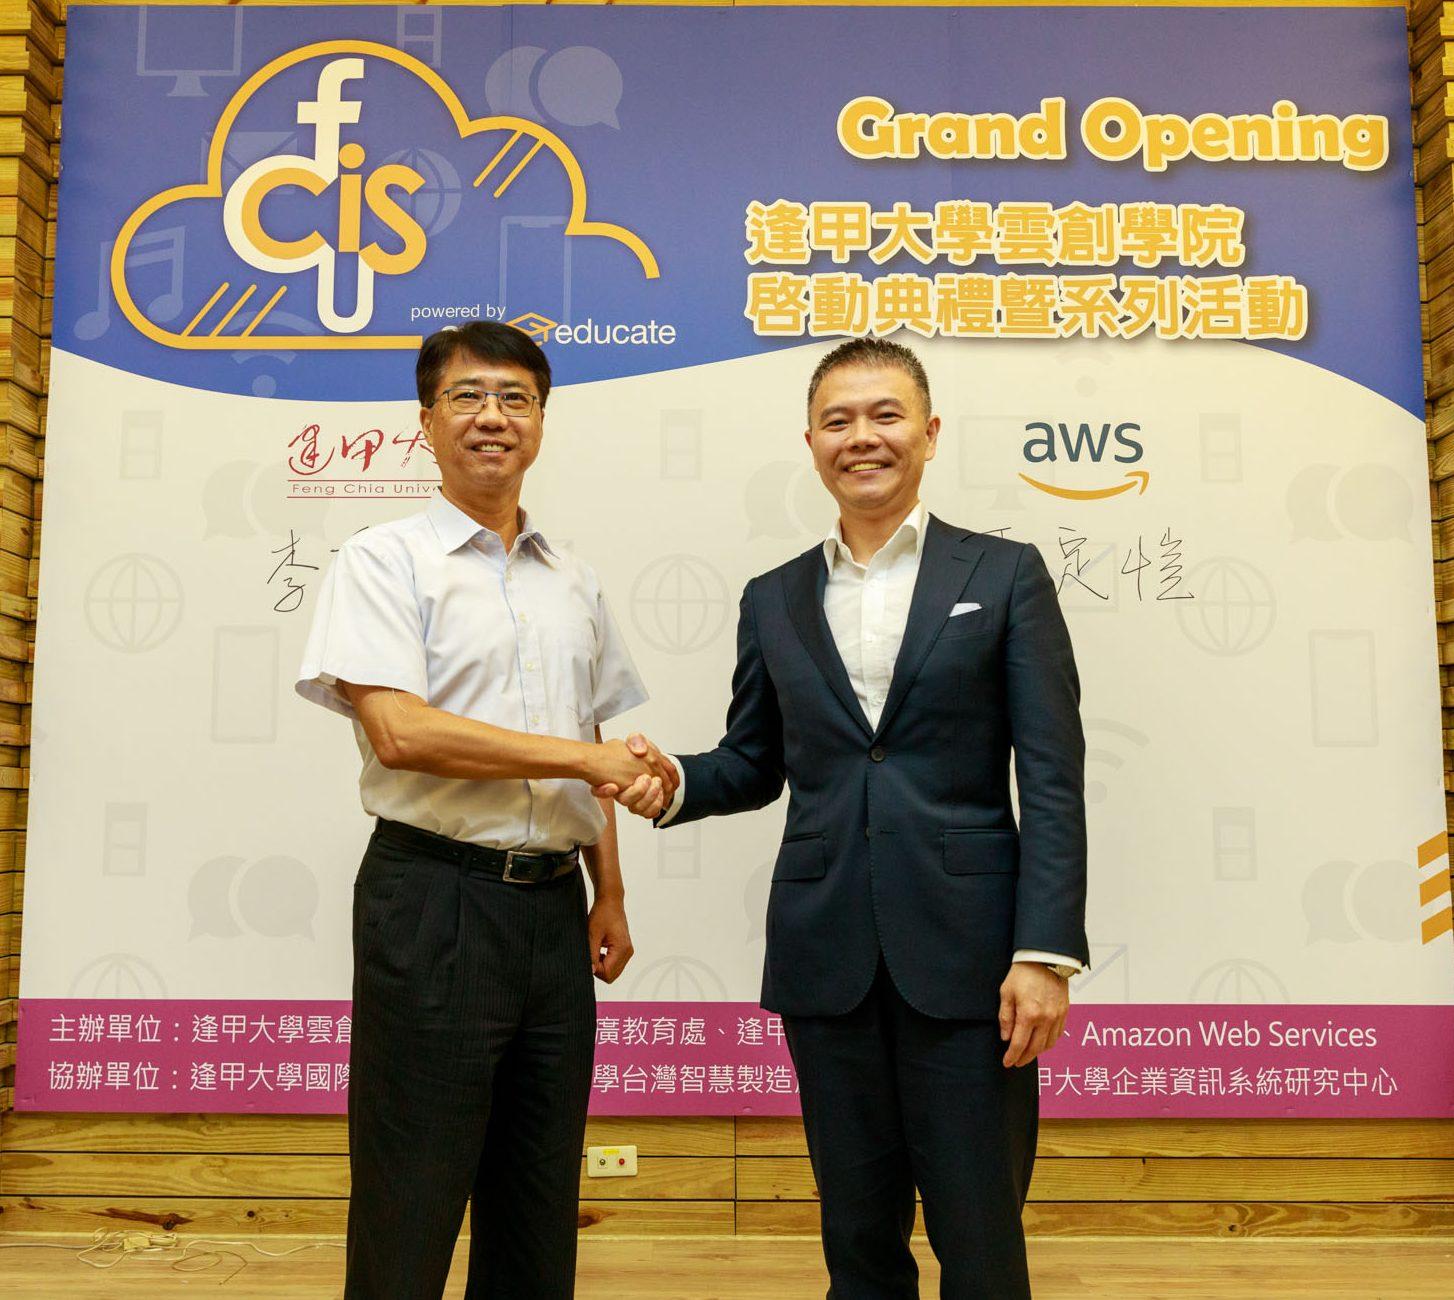 李秉乾校長(左)及王定愷總經理簽署合作協議,逢甲大學雲創學院正式啟動。